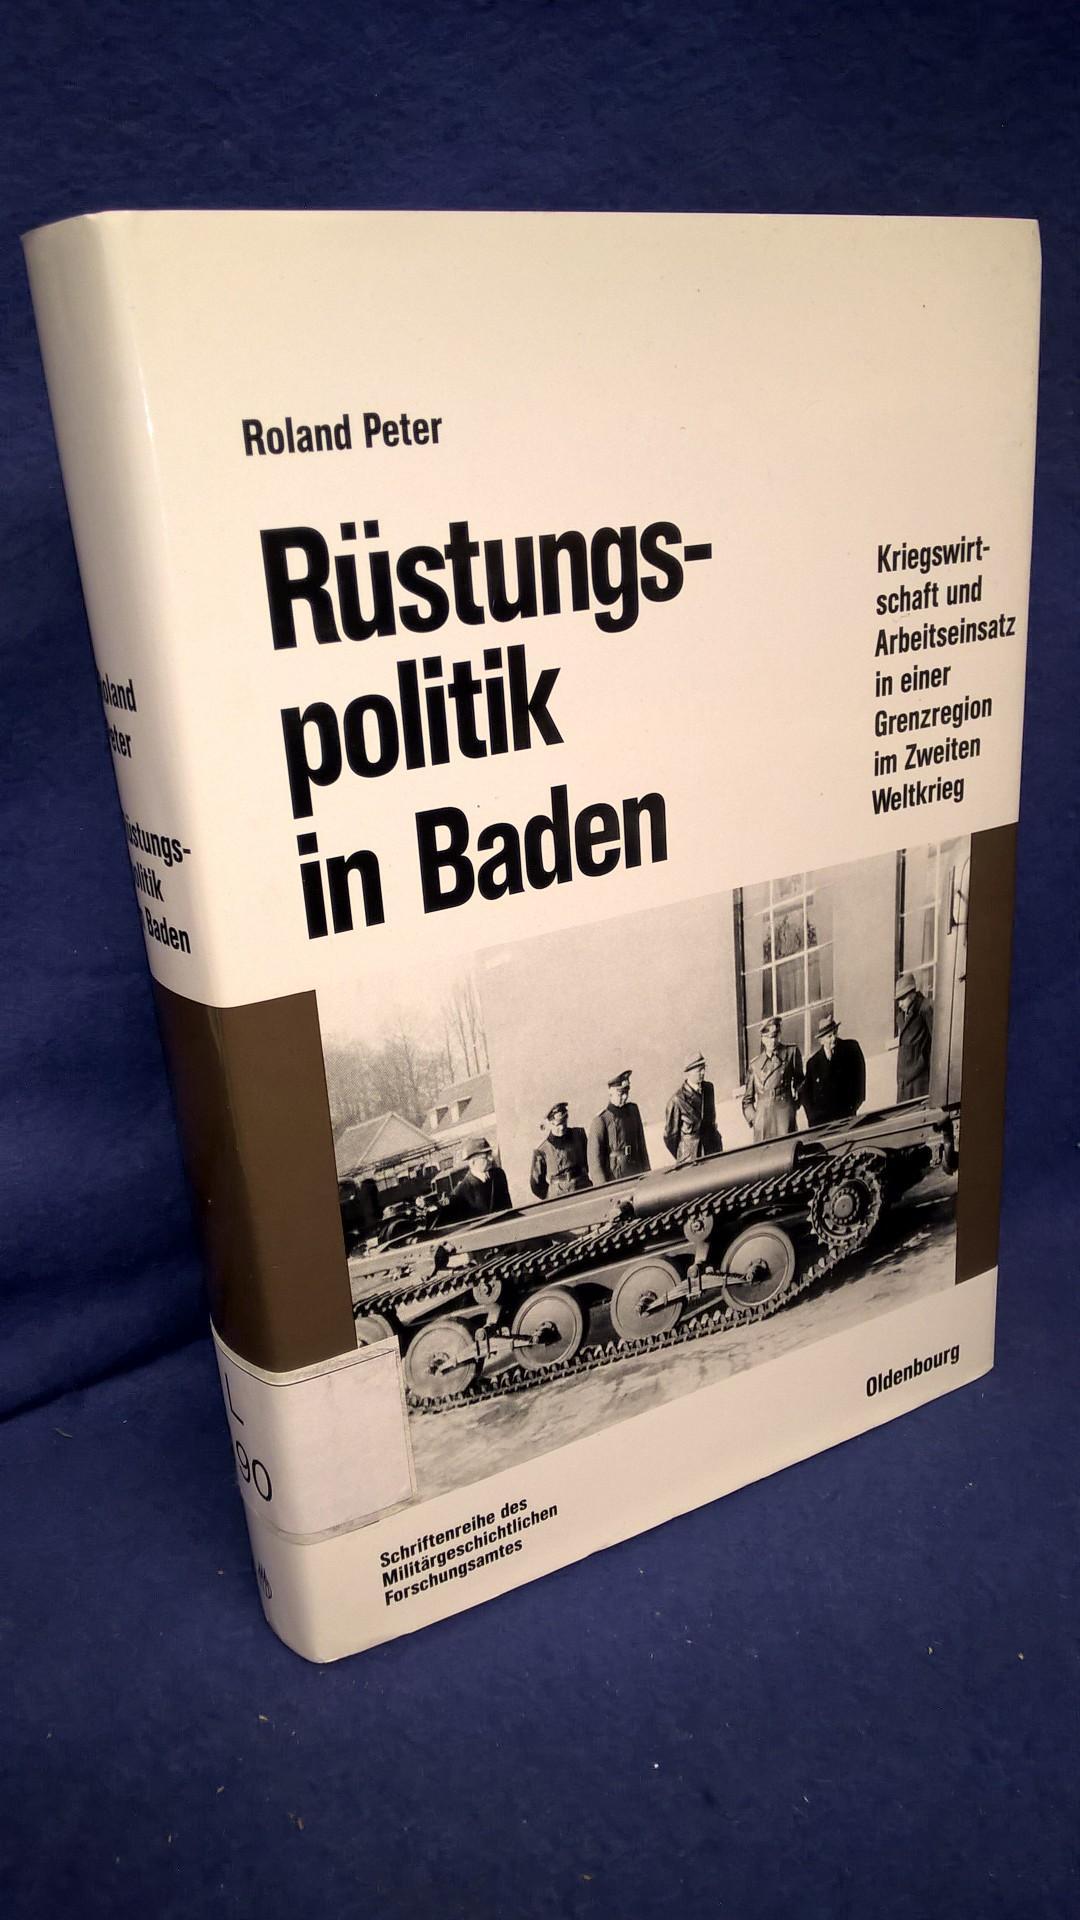 Beiträge zur Militär- und Kriegsgeschichte, Band 44: Rüstungspolitik in Baden. Kriegswirtschaft und Arbeitseinsatz in einer Grenzregion im Zweiten Weltkrieg.